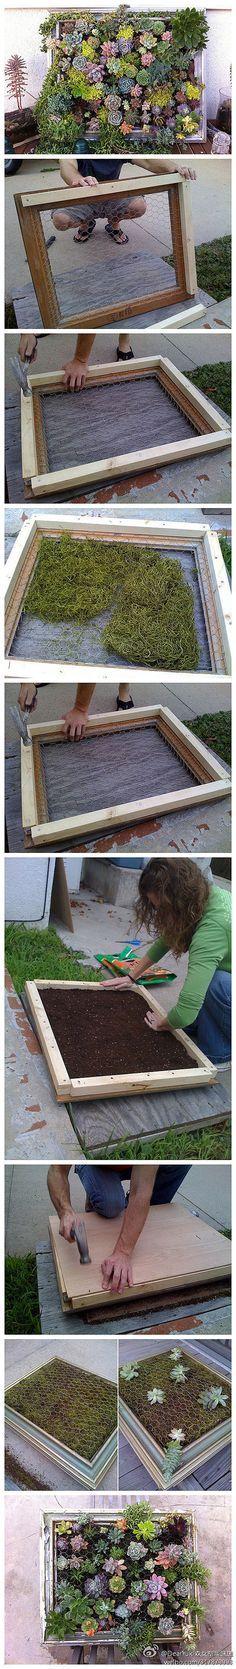 picture frame succulent planter - @Michelle @ Paper & Petal Boutique ... Make it! (cooool)